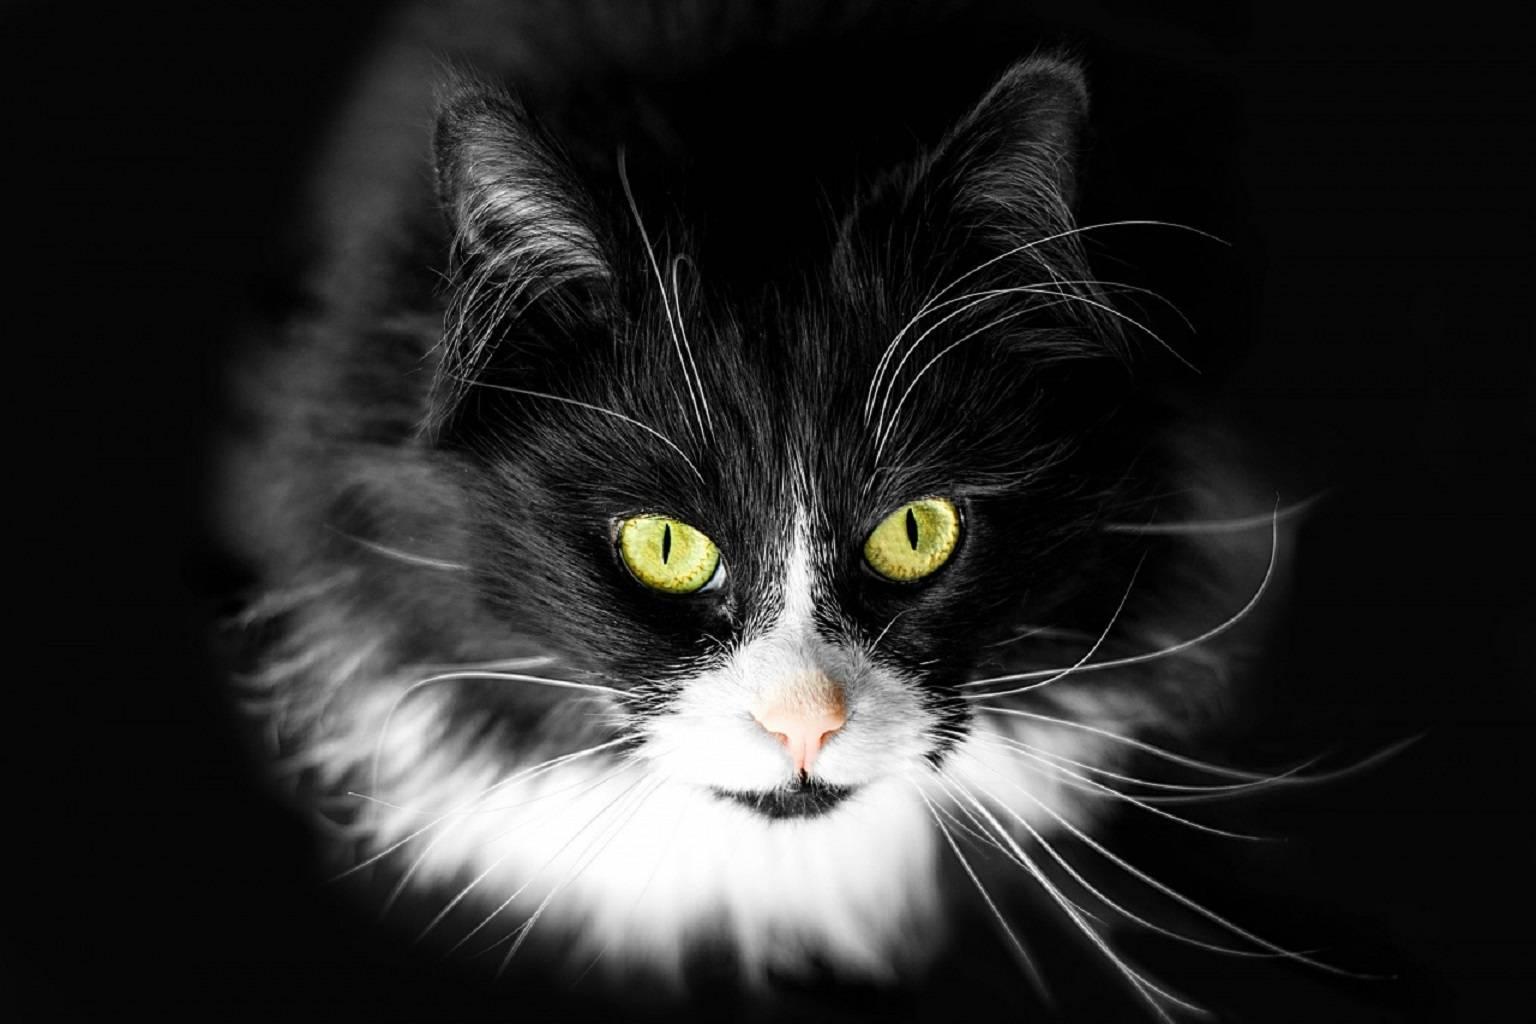 Glaring Kitty